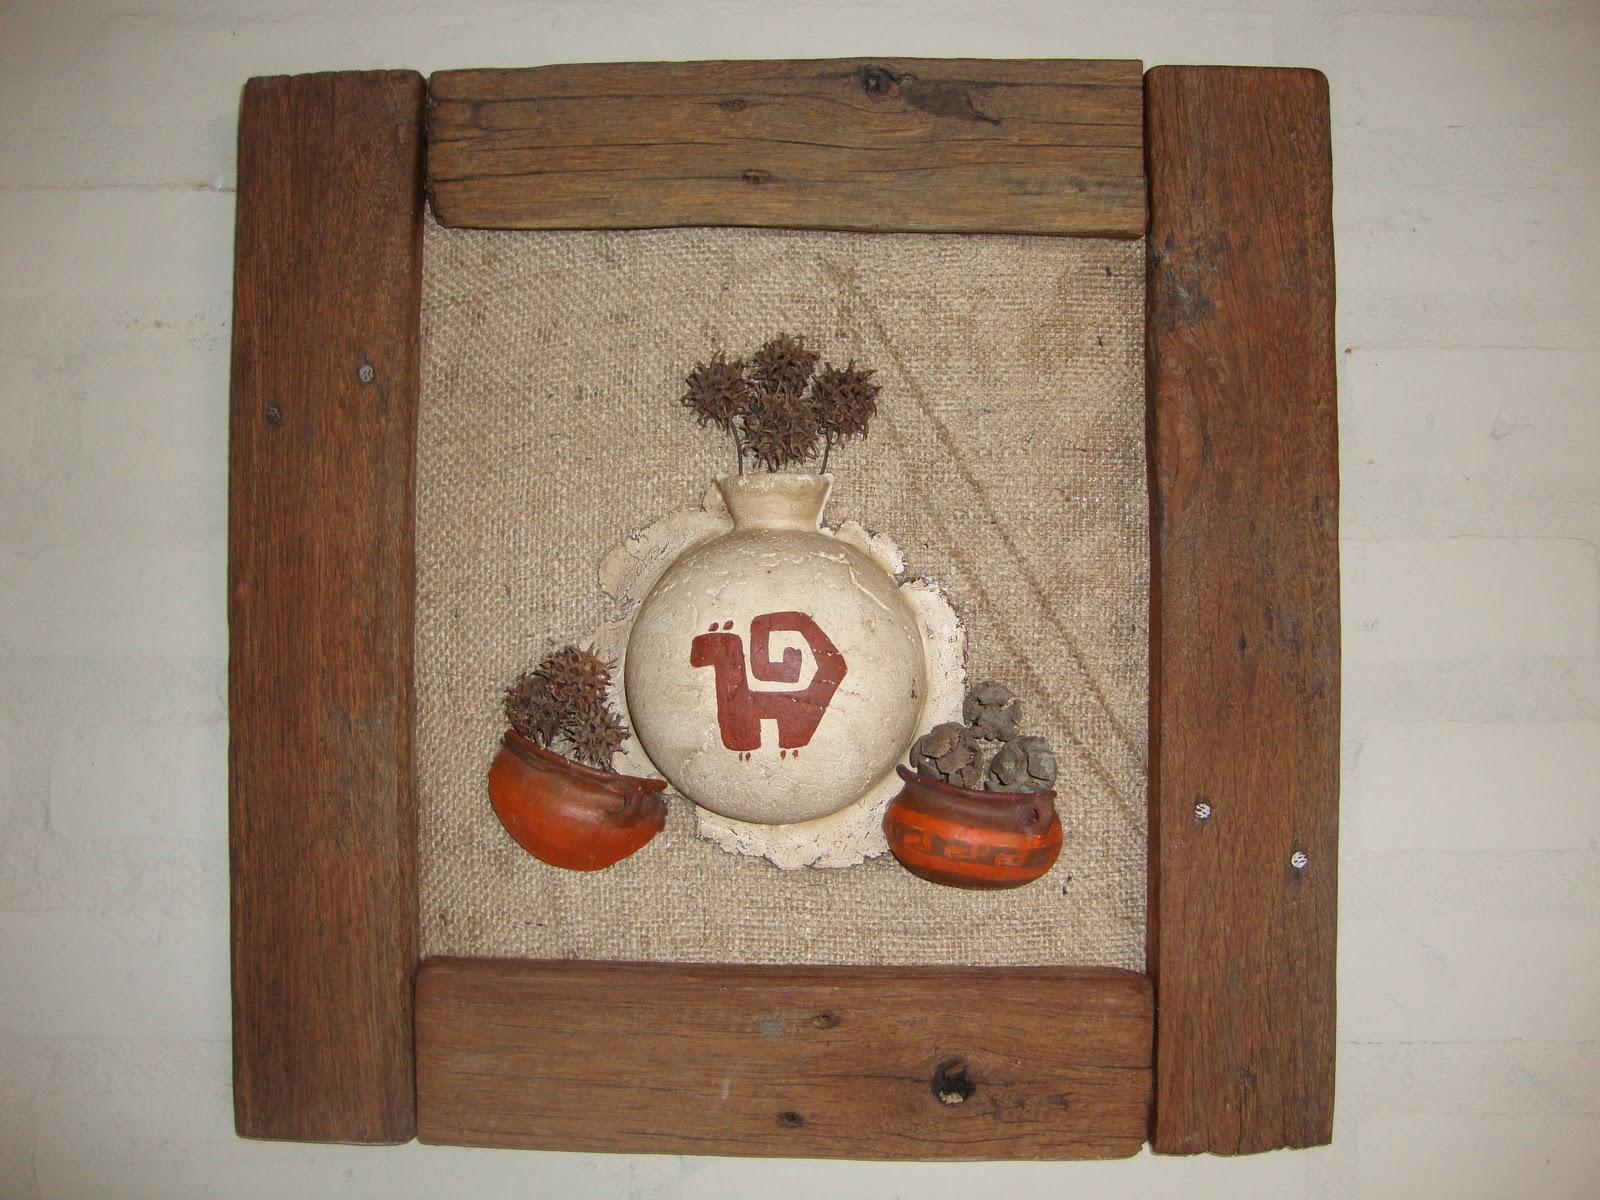 Yumbrel artesanias cuadros con detalles de pasta piedra - Cuadros con piedras ...